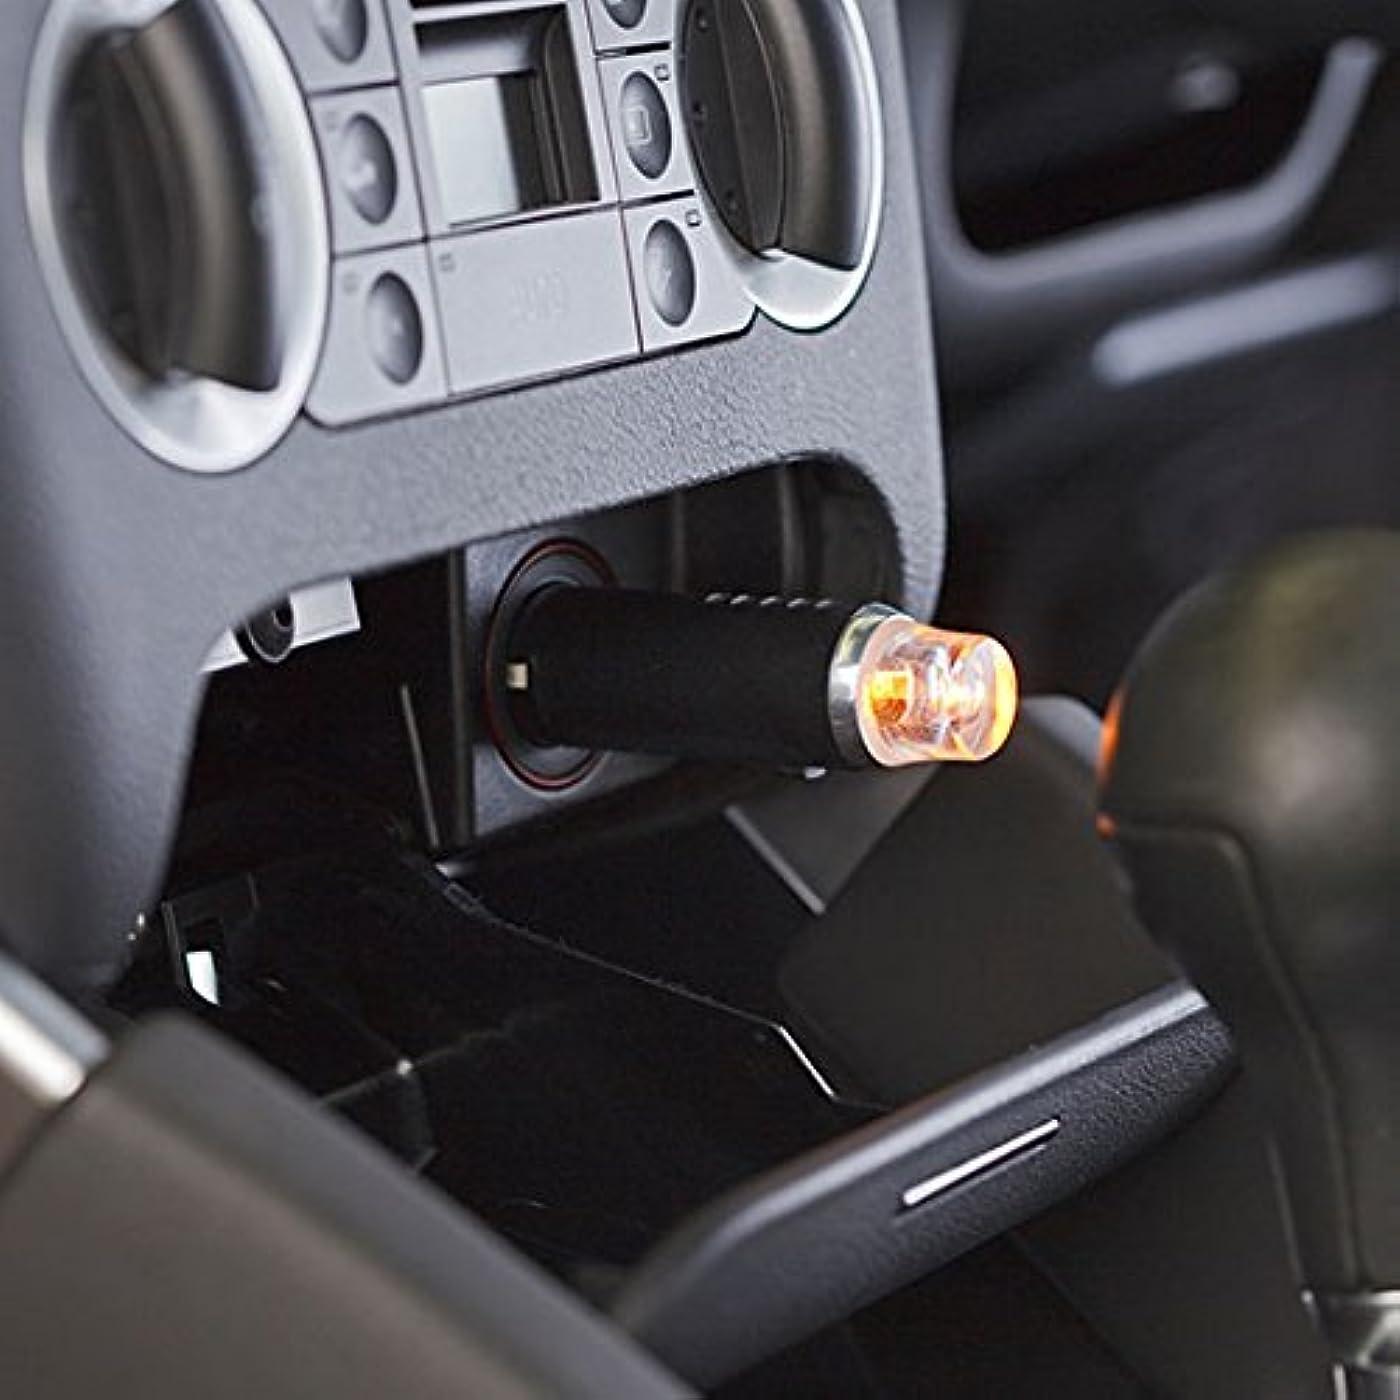 葬儀してはいけない型ドライブタイムレザー セット(D02 アーバンスカイ) 本体+エッセンシャルオイル